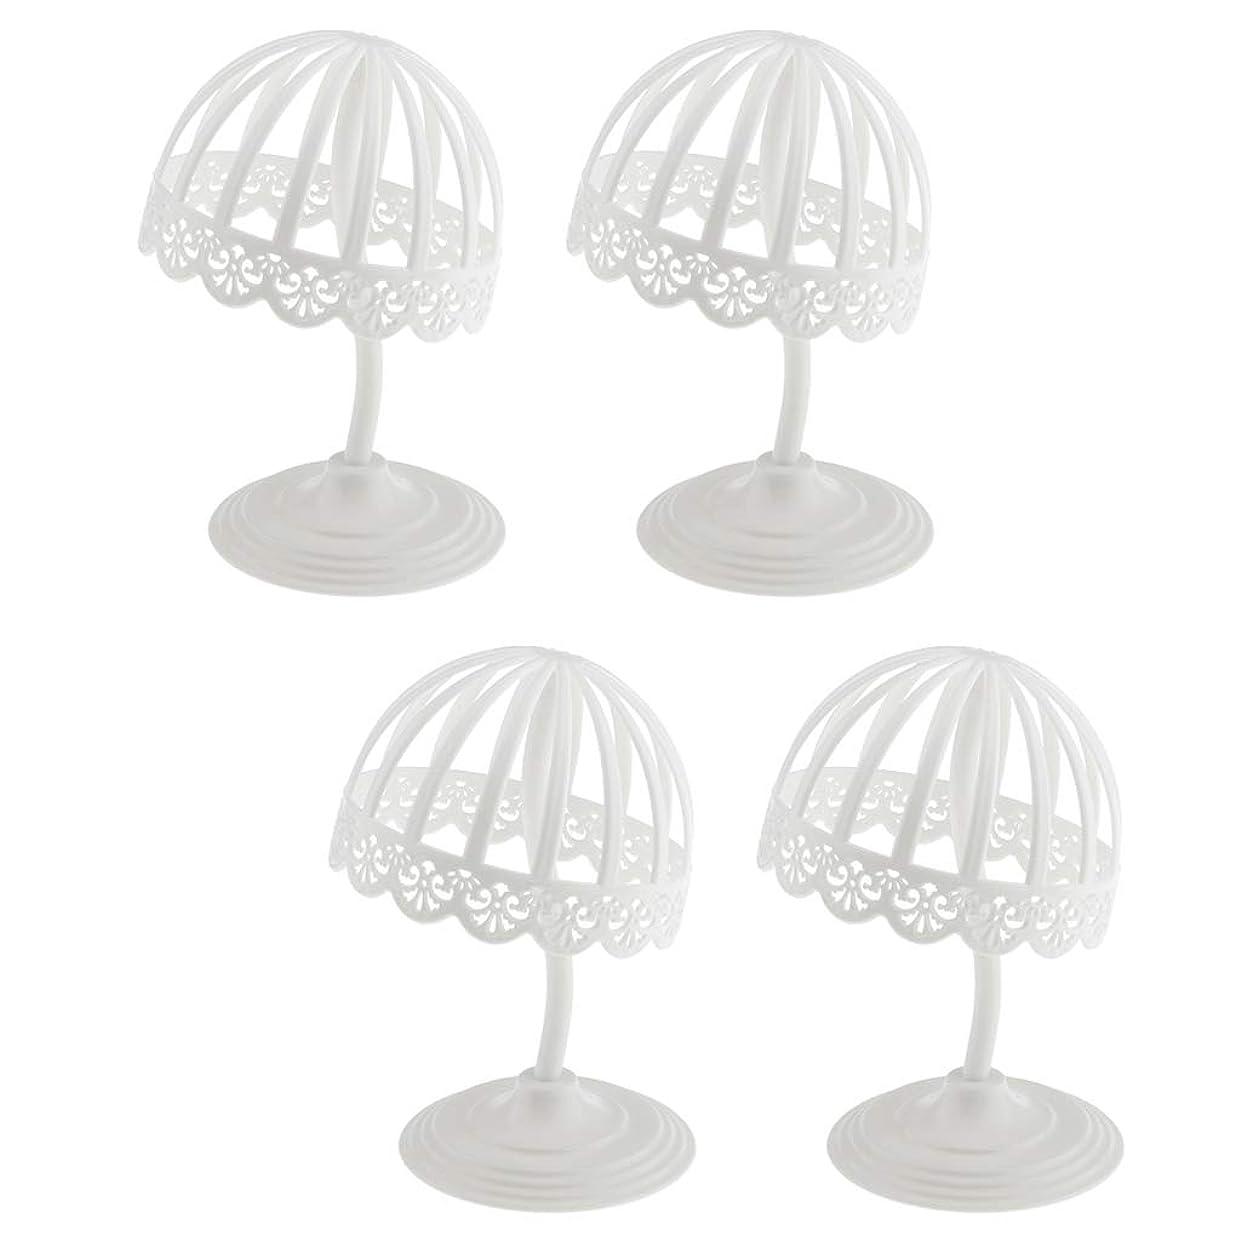 ひいきにする雇用者ガロンSM SunniMix ウィッグ スタンド 帽子 収納 ディスプレイ 4個セット プラスチック製 ホワイト